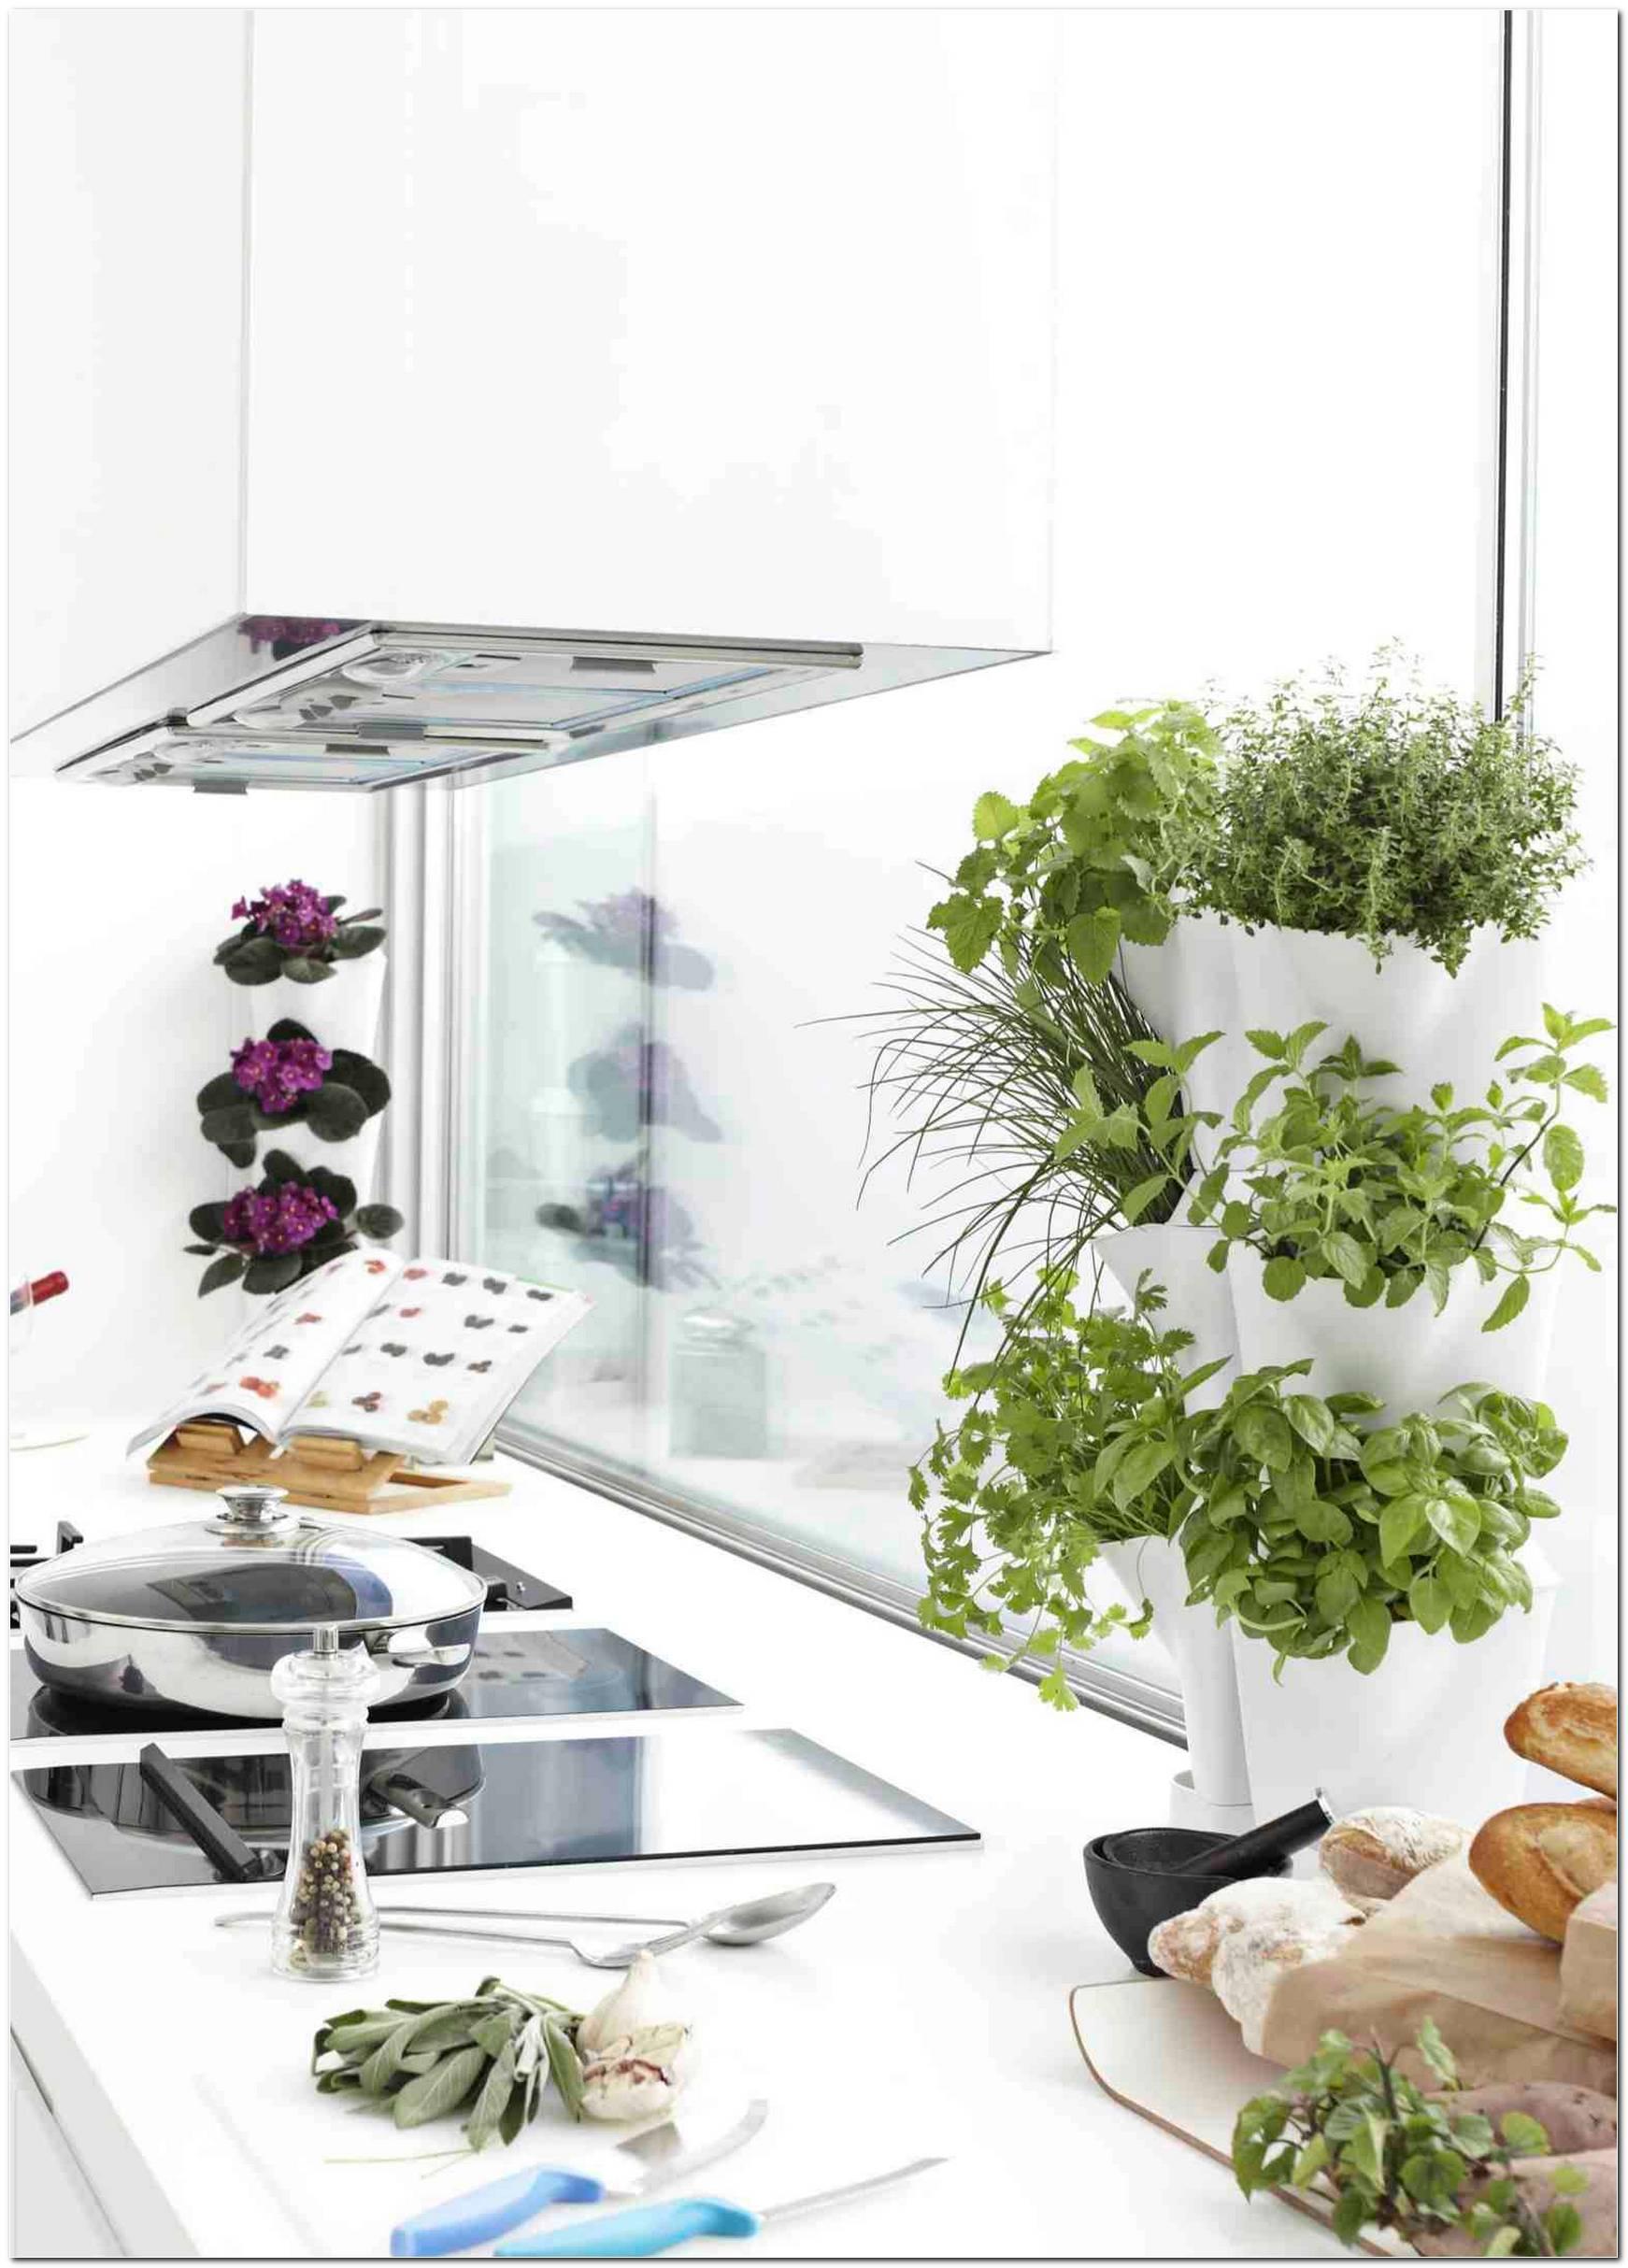 Horta Vertical Saiba Como Montar E Decorar Com 60 Imagens